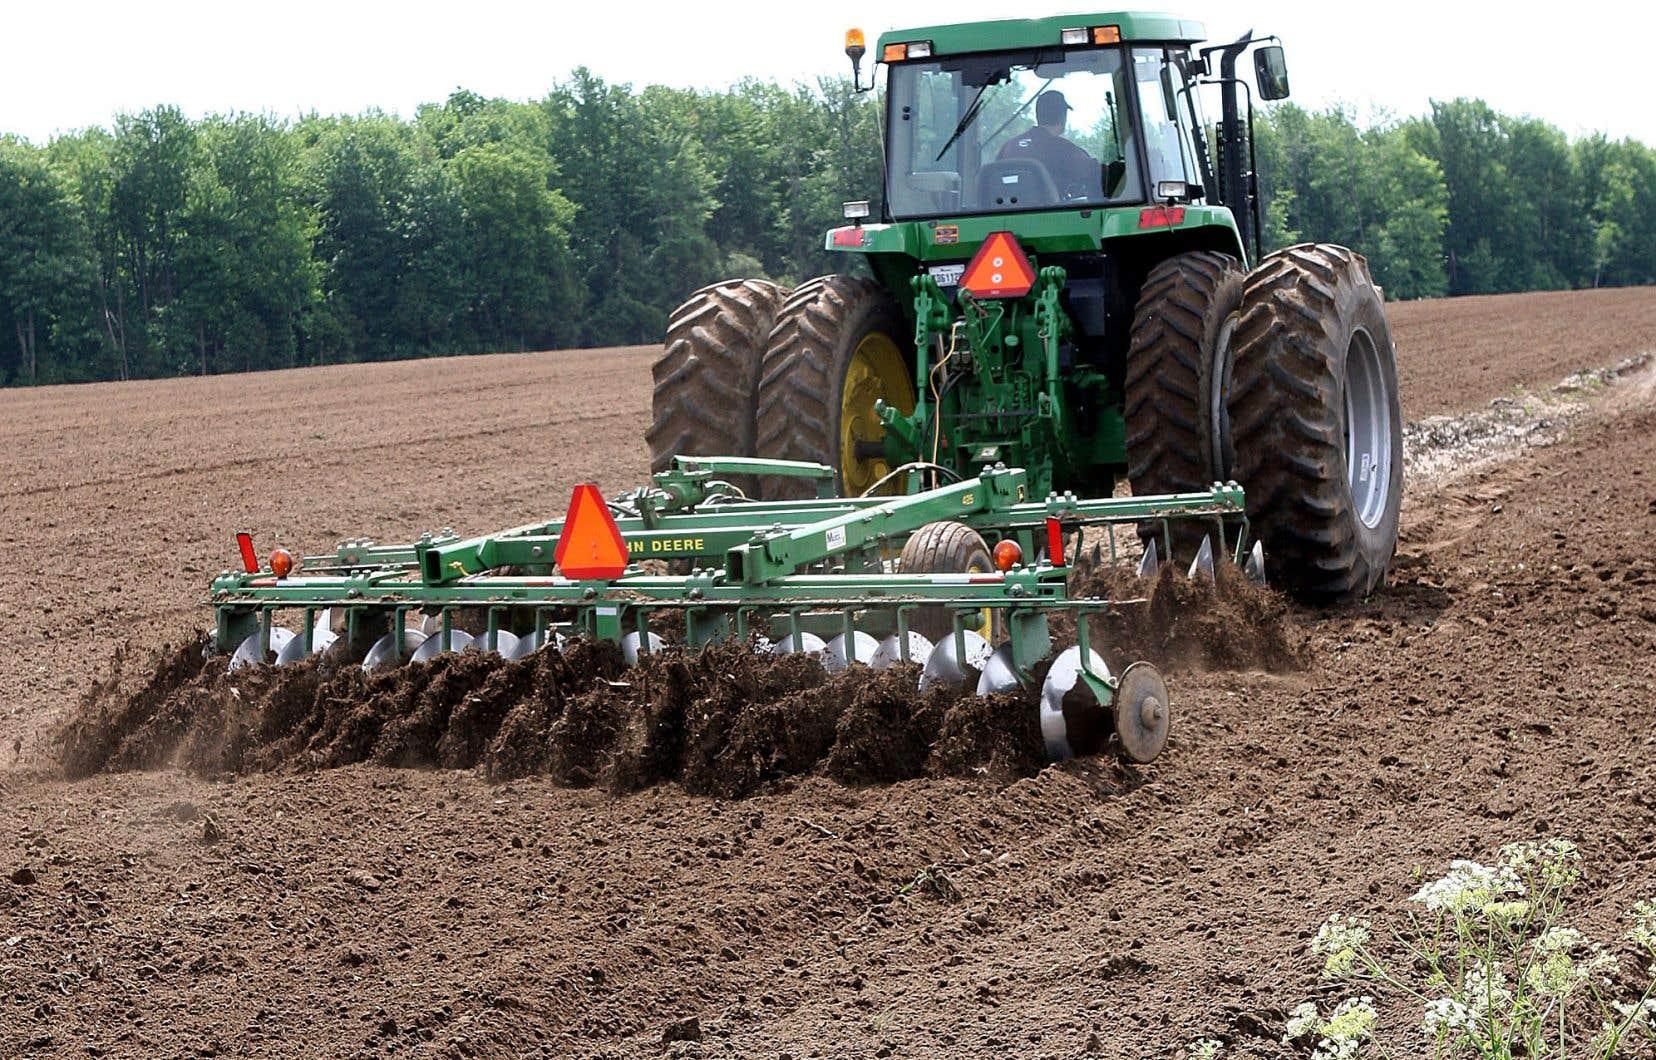 Selon les calculs de l'Union des producteurs agricoles, près de 2000 hectares de terres agricoles sont ciblés pour des usages non agricoles.